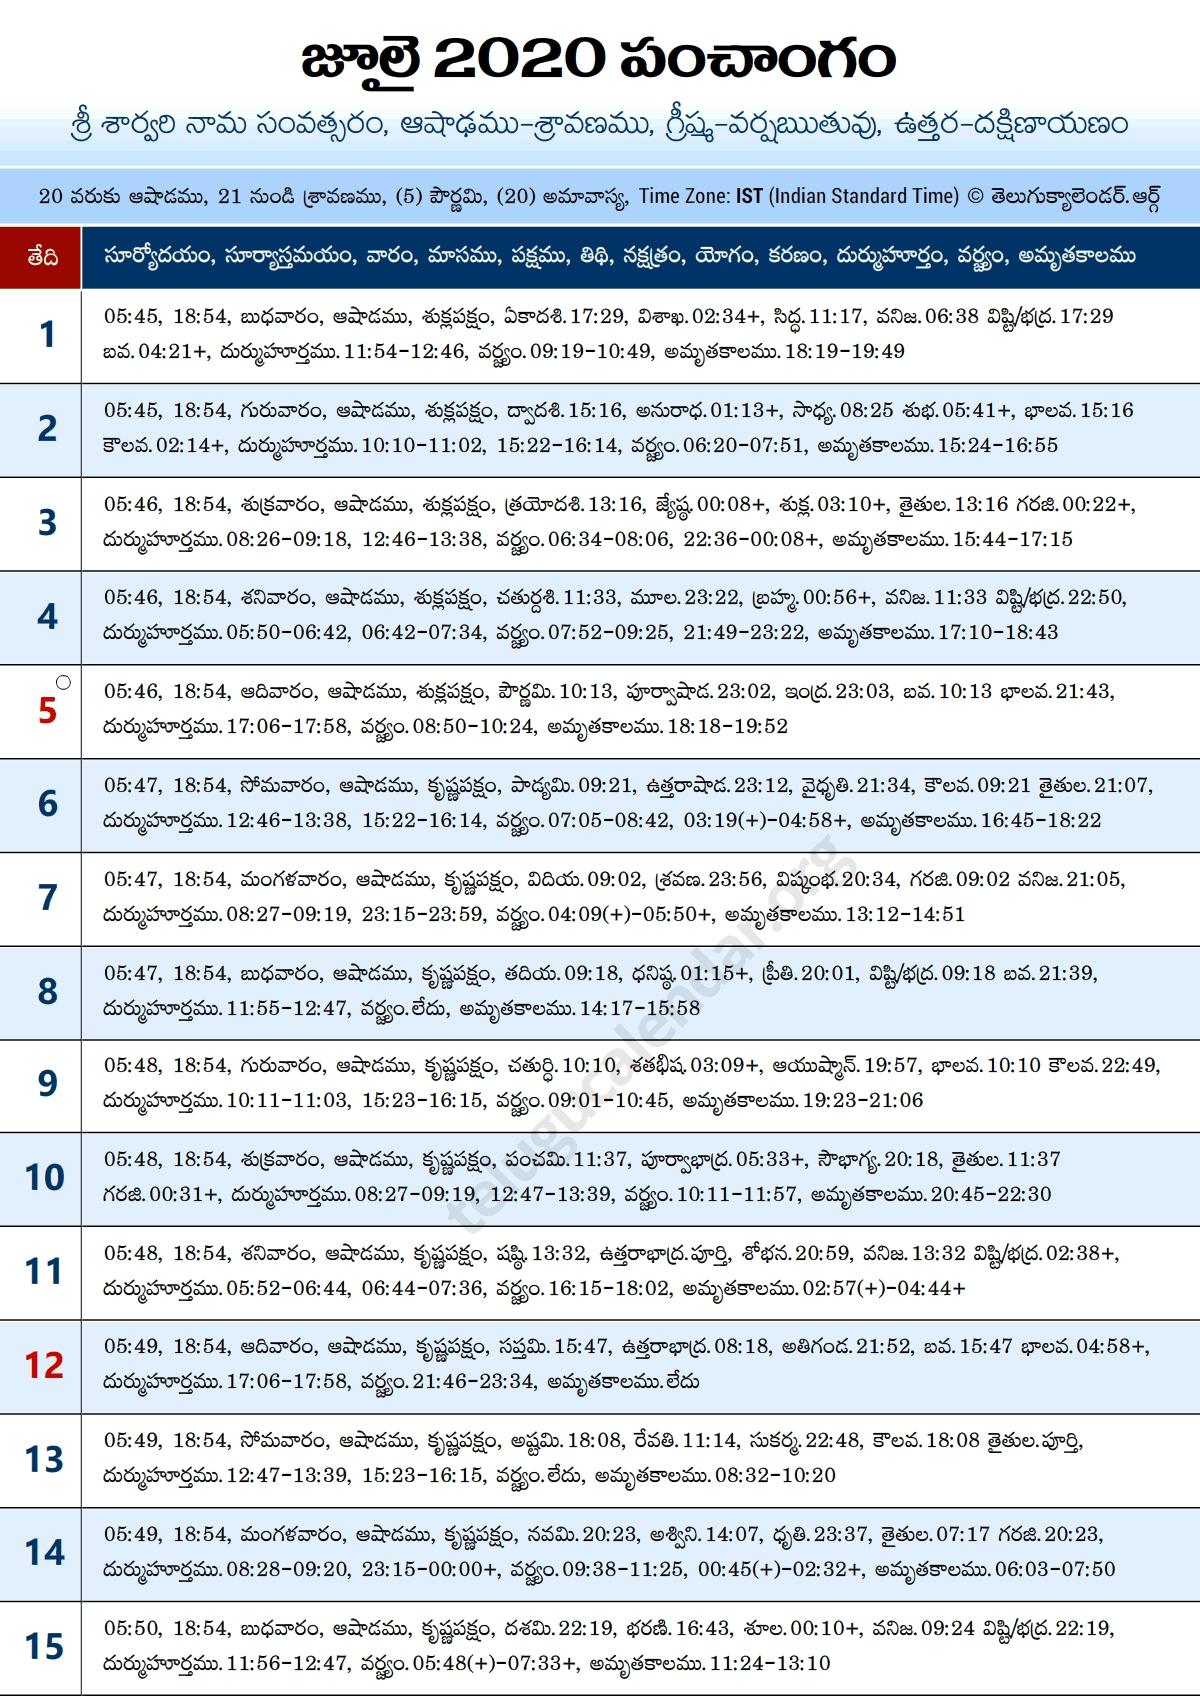 Telugu Panchangam 2020 July Pdf Download | Sri Sarvari Nama